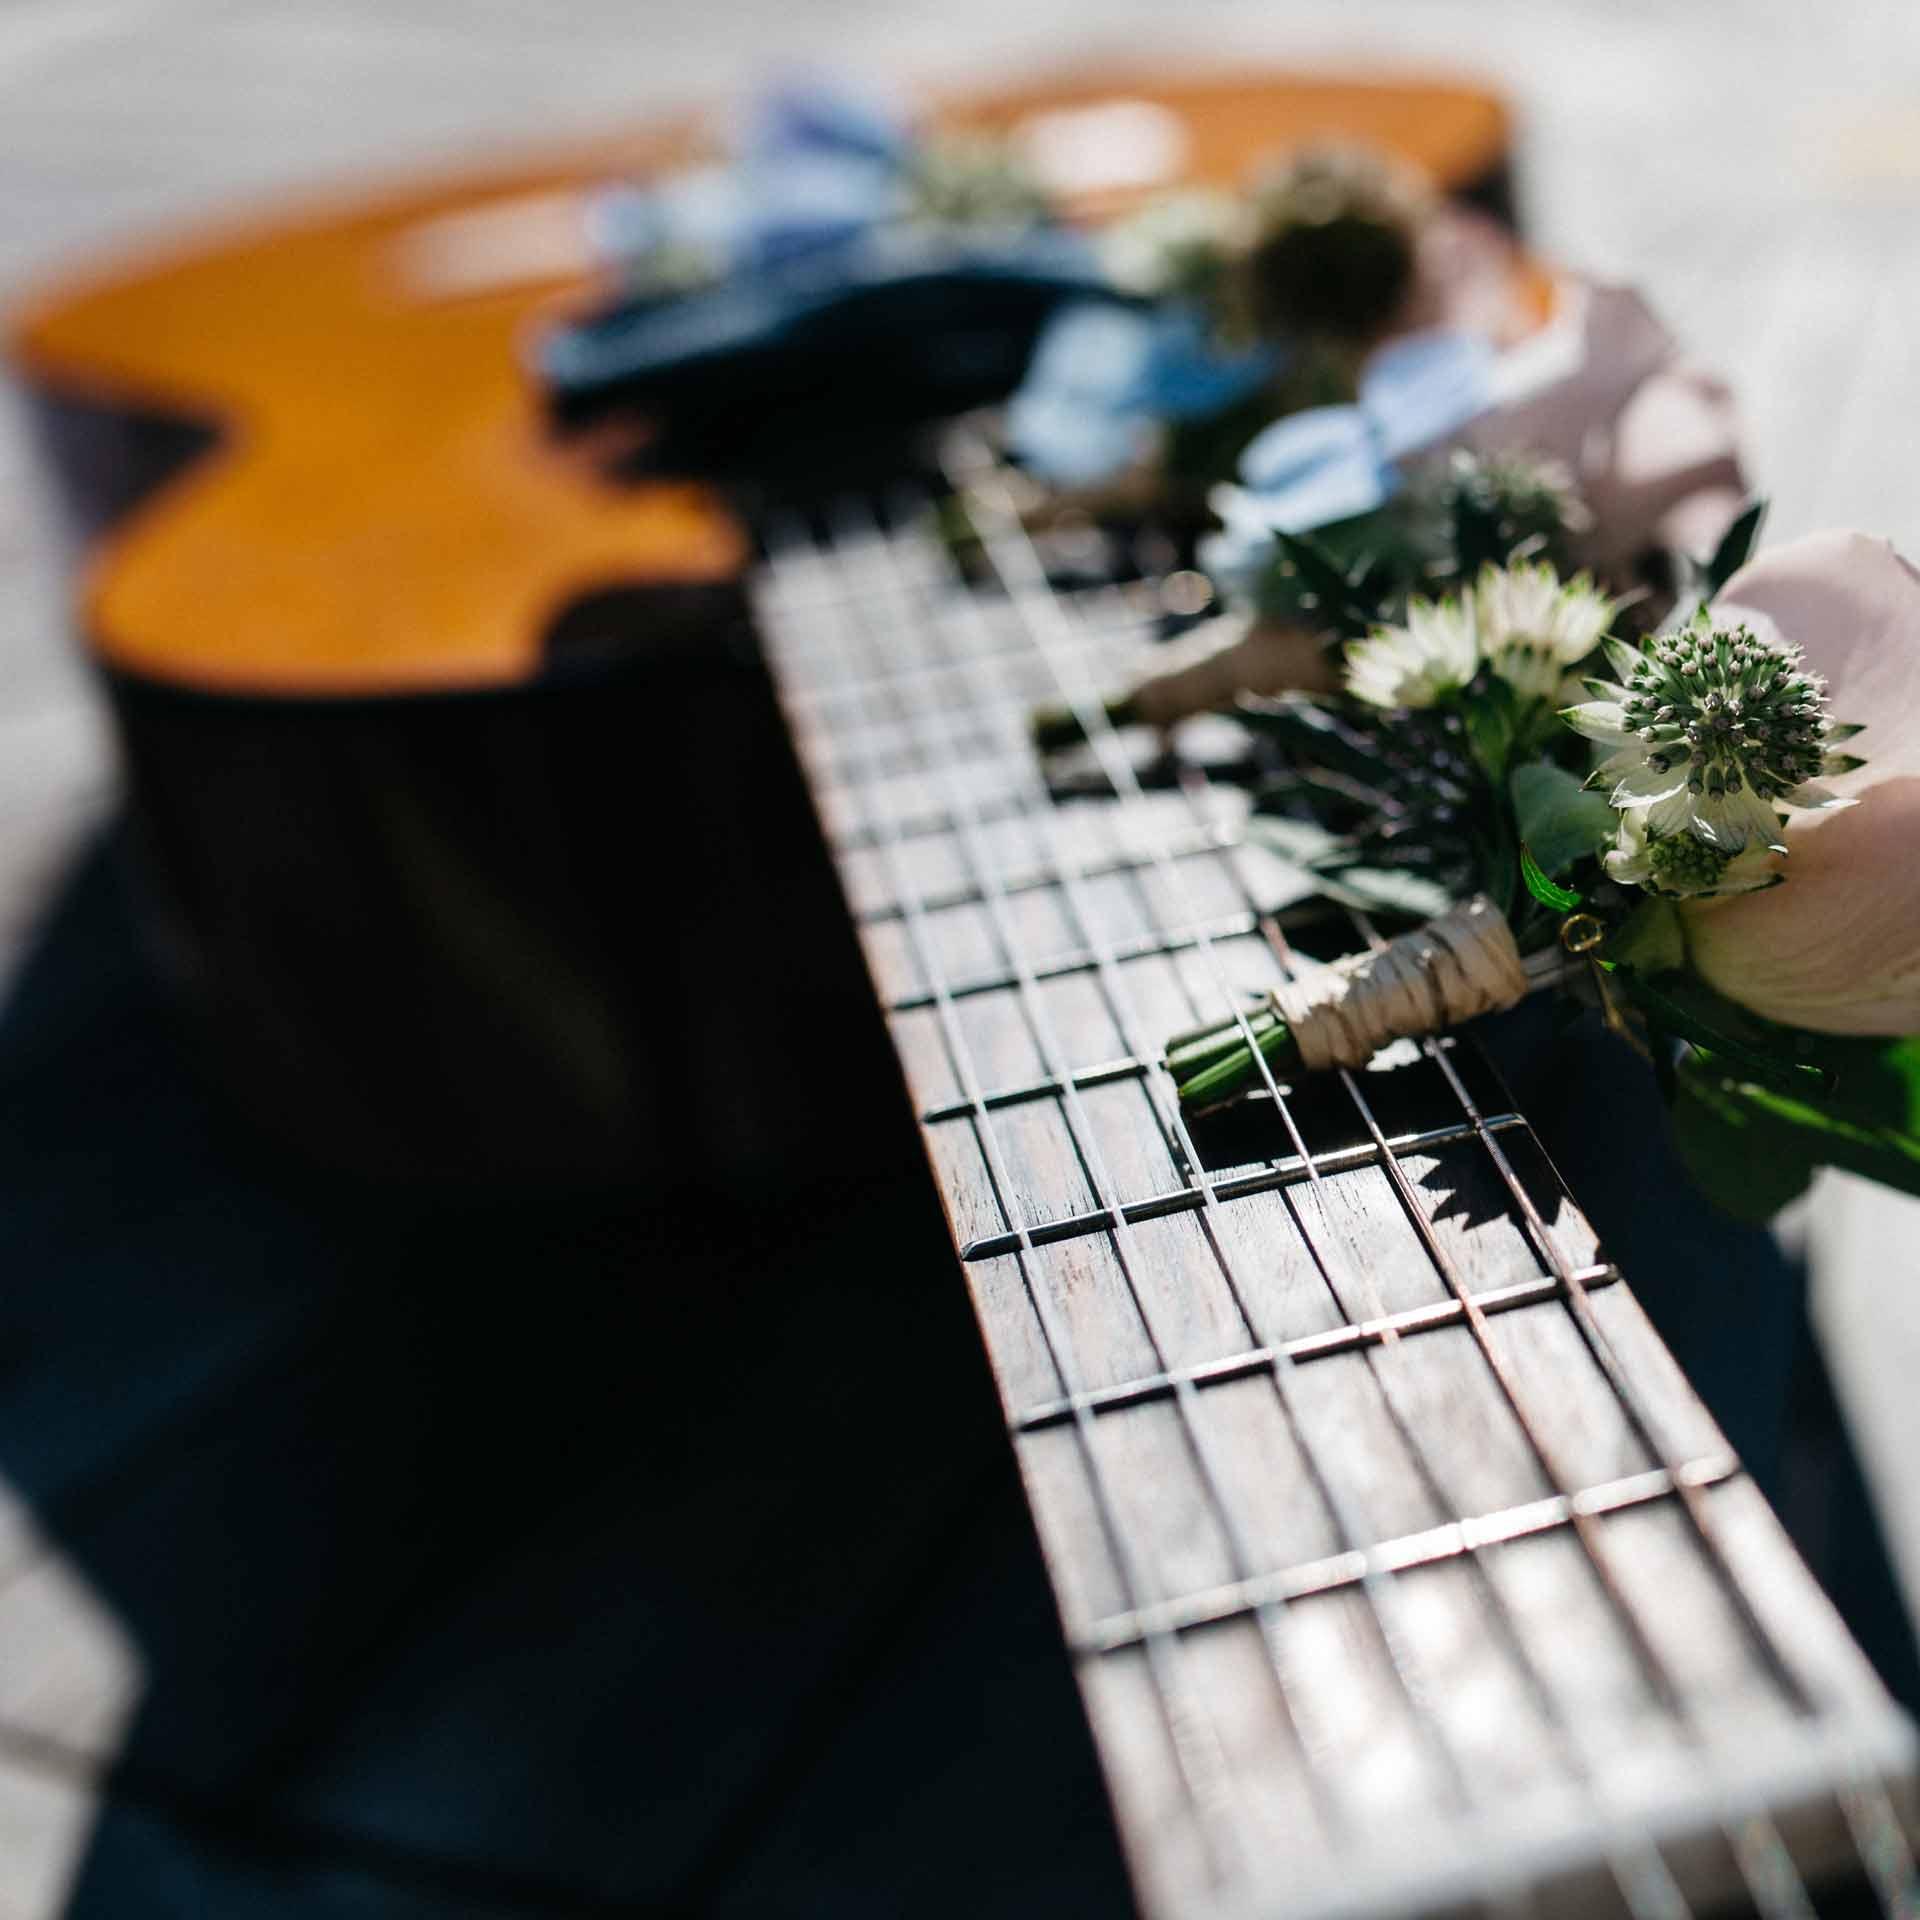 květiny visí na kytaru